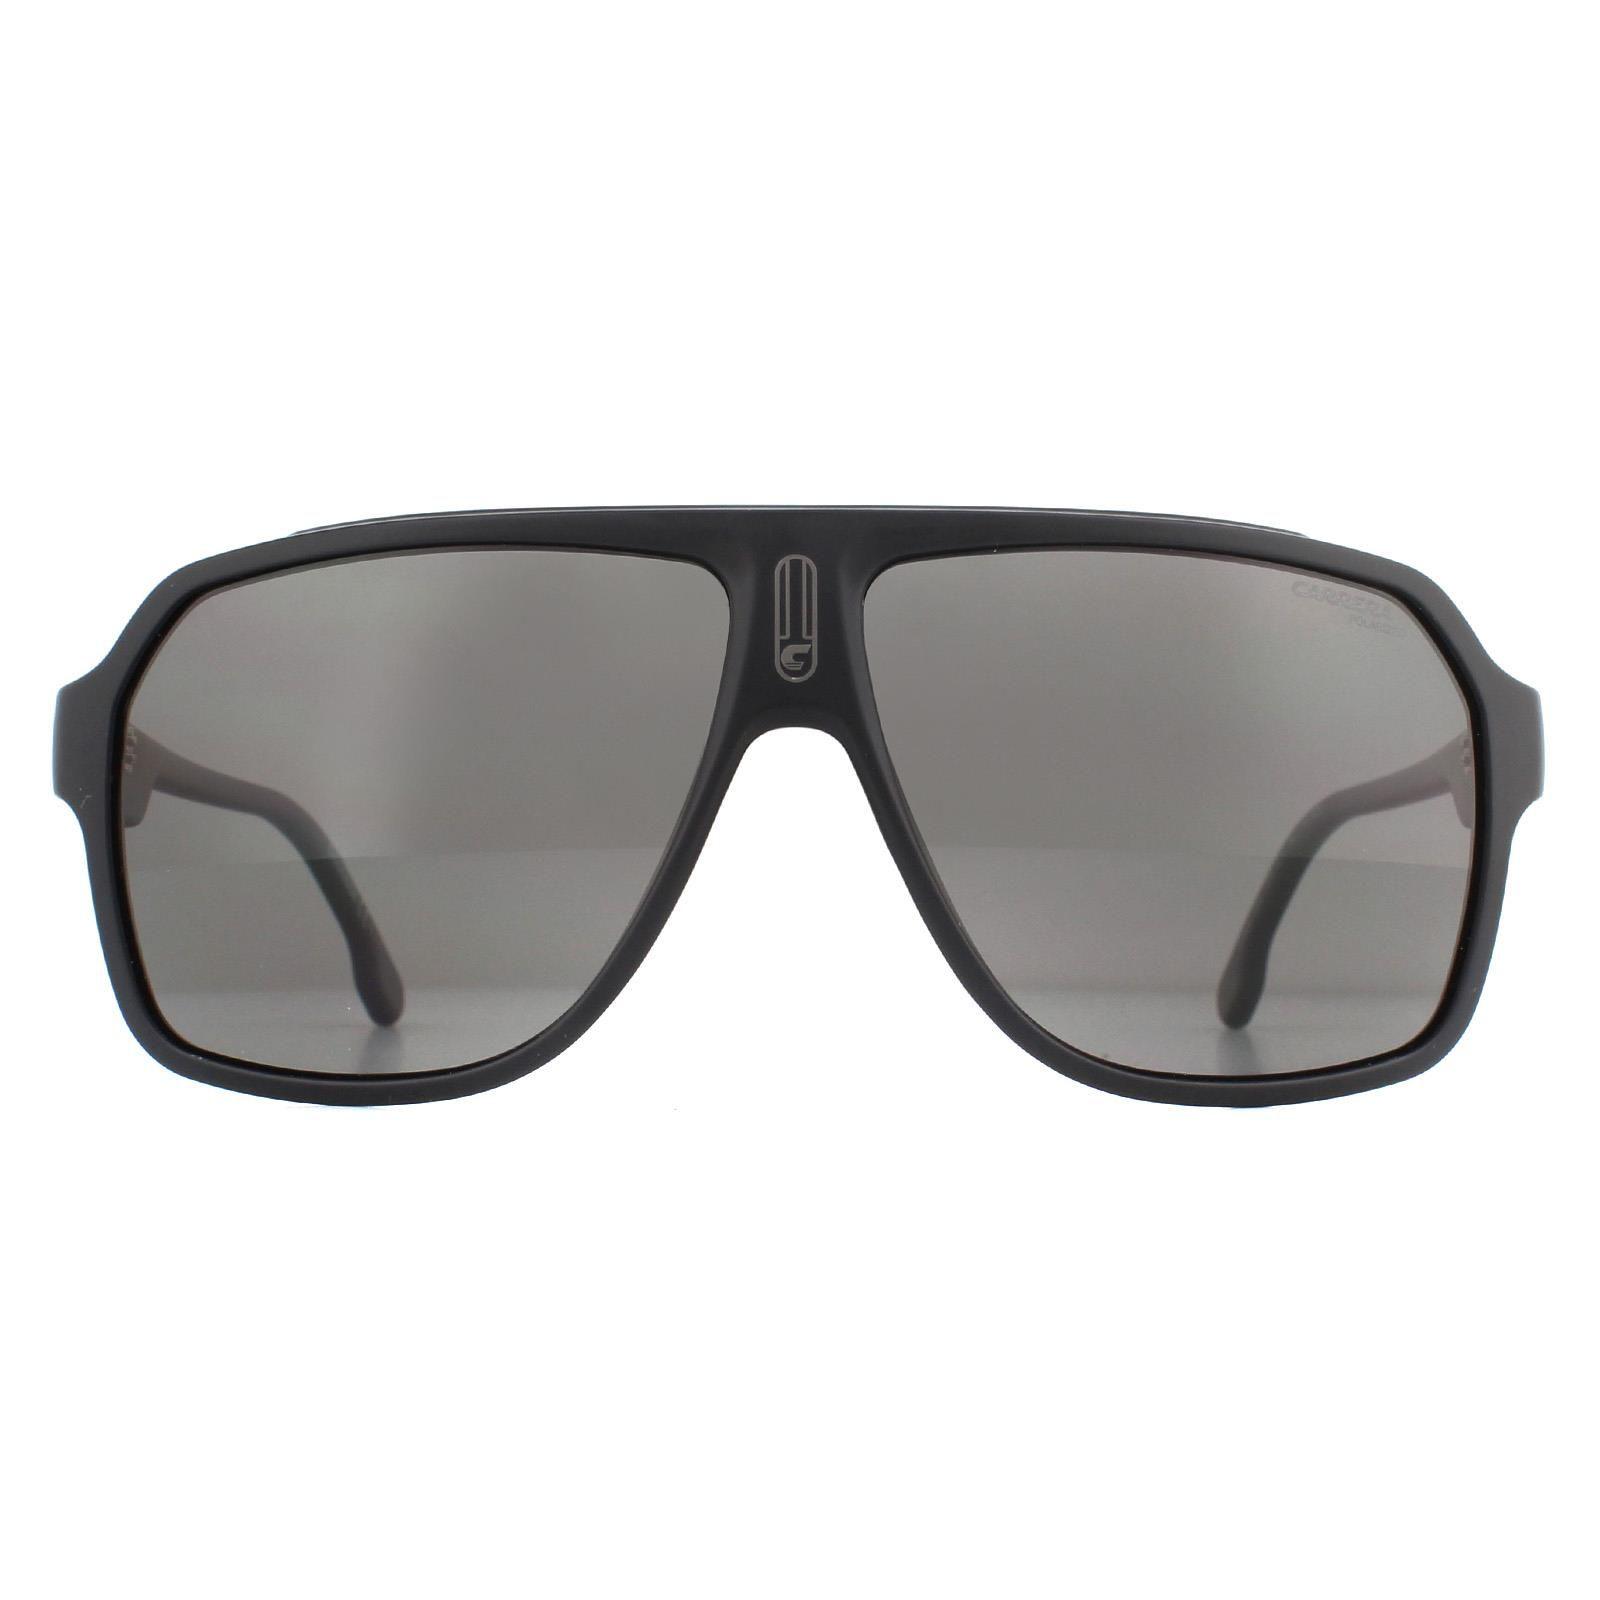 Carrera Sunglasses Carrera 1030/S 003 M9 Matte Black Grey Polarized